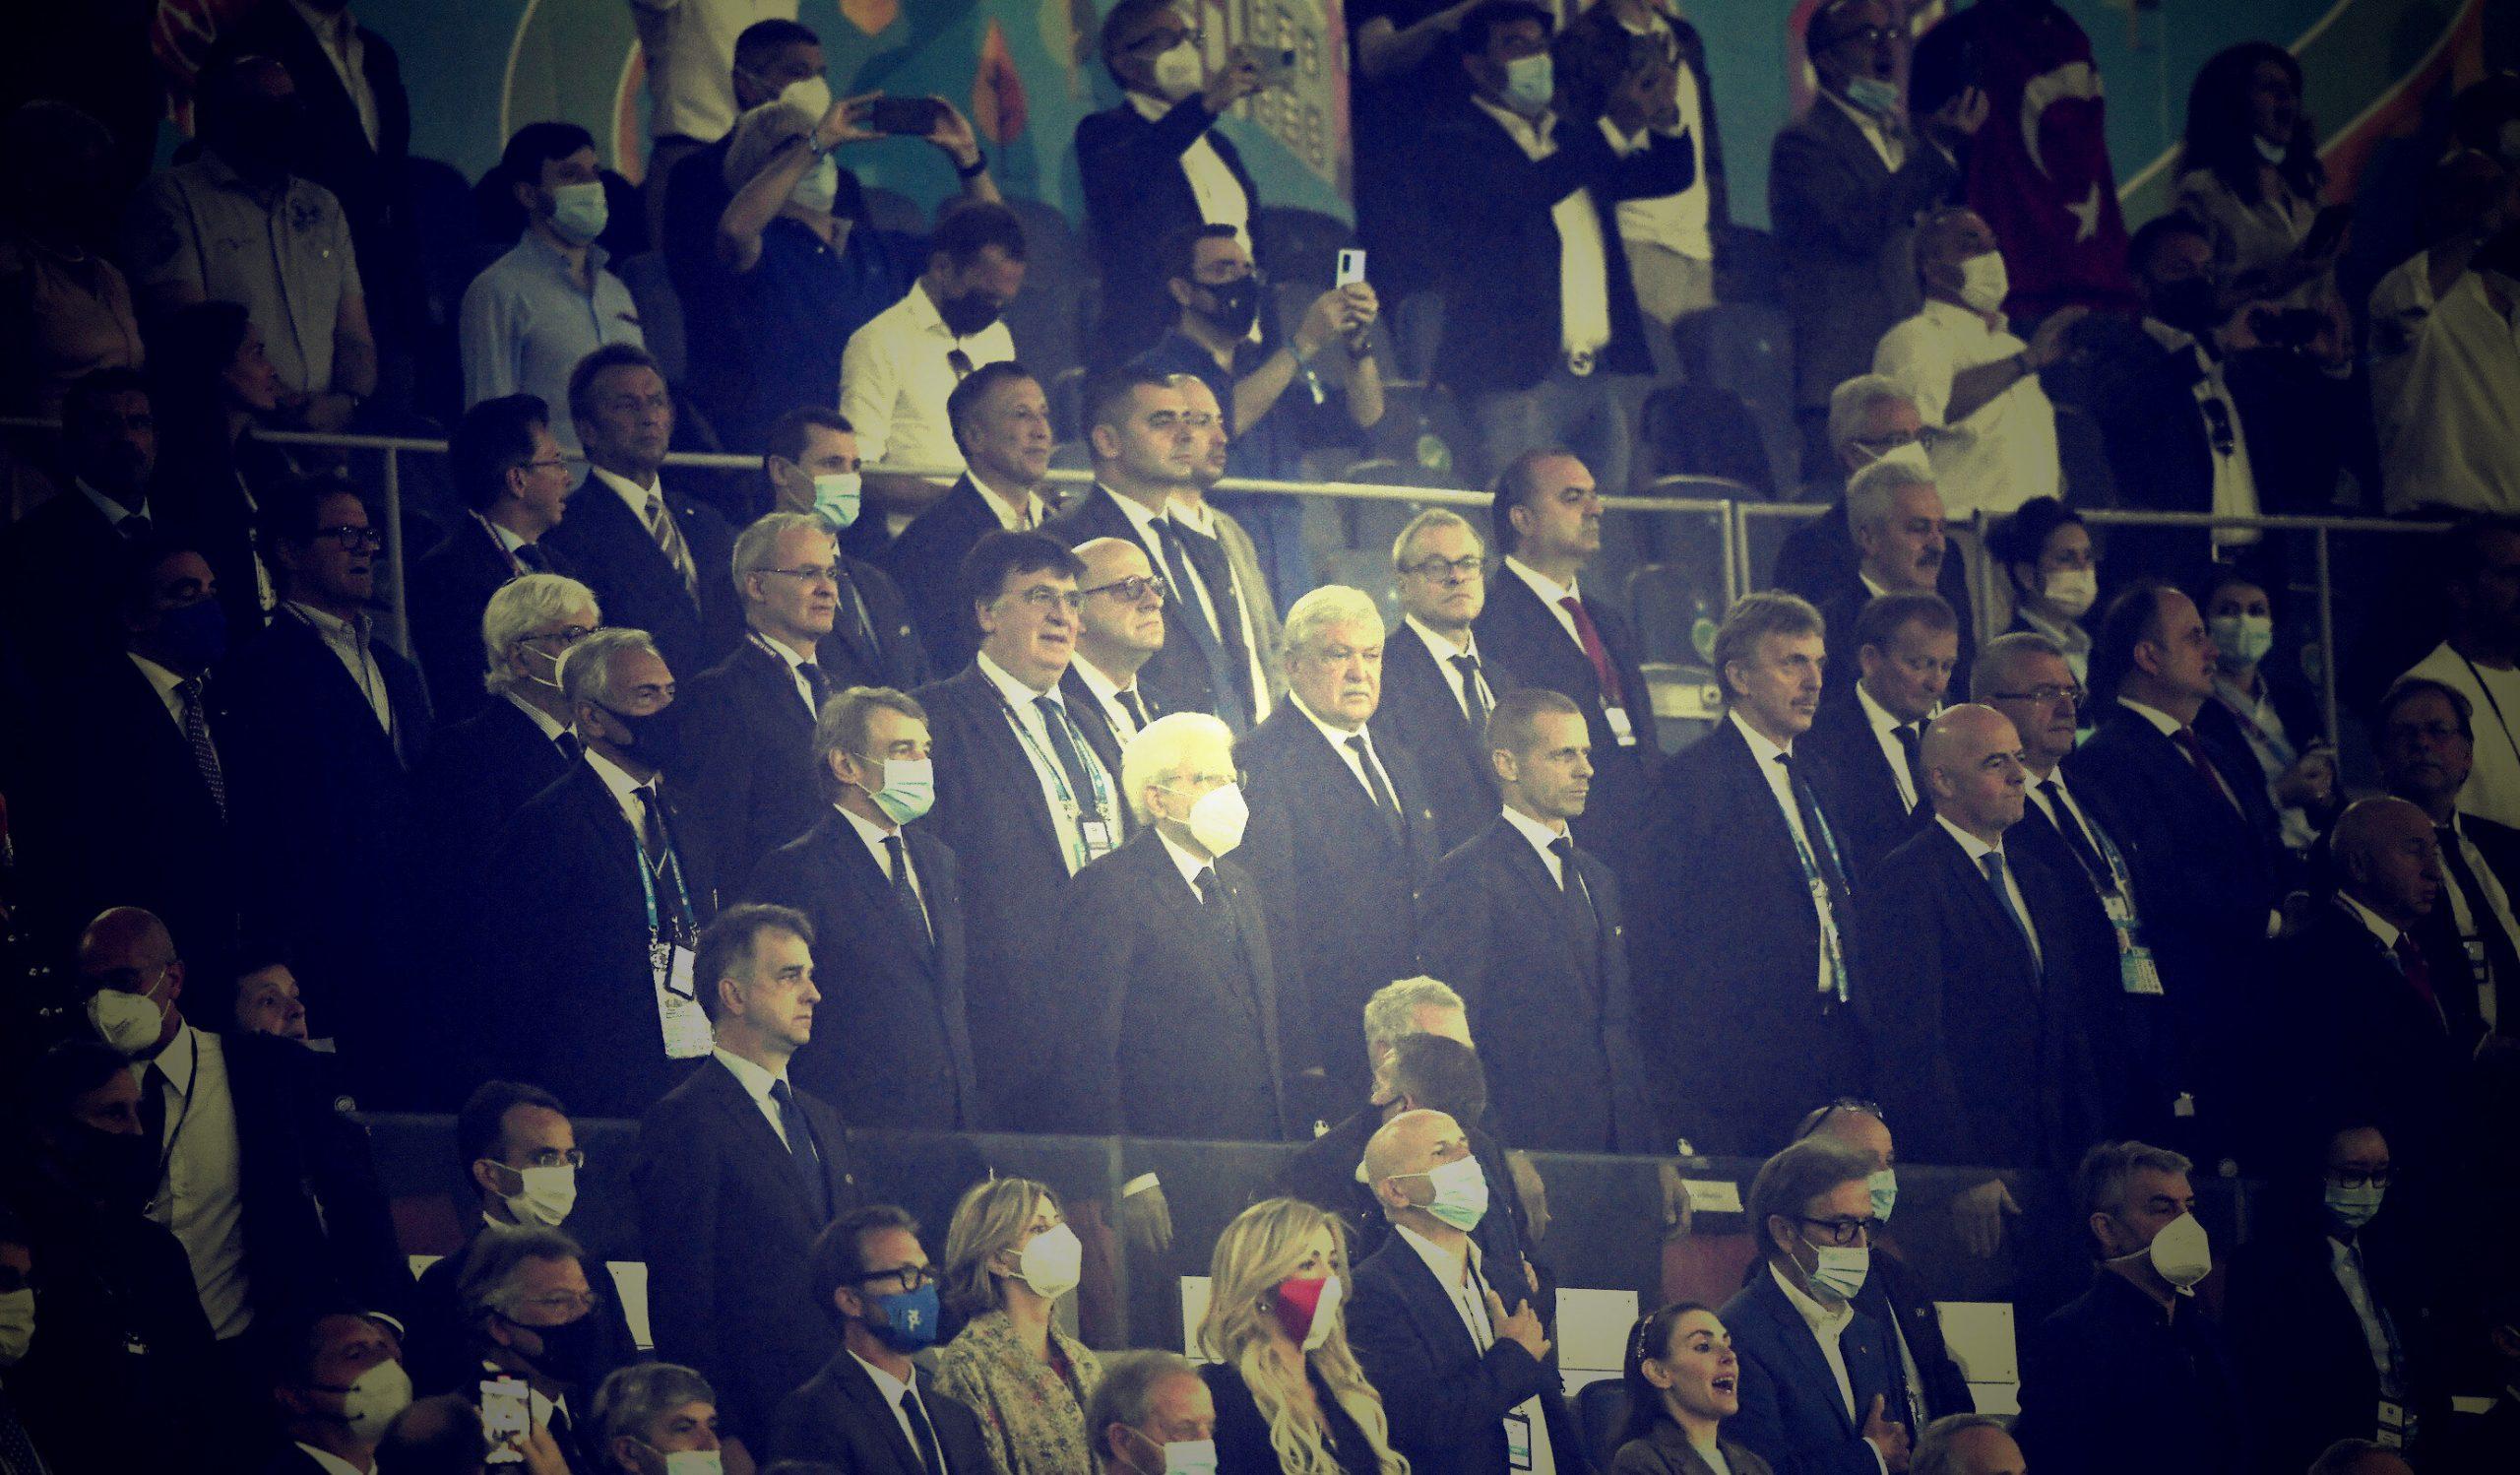 Excepții pentru VIP-uri| 2.500 de politicieni și oficiali, scutiți de carantină pentru a participa la finala EURO 2020 de la Londra